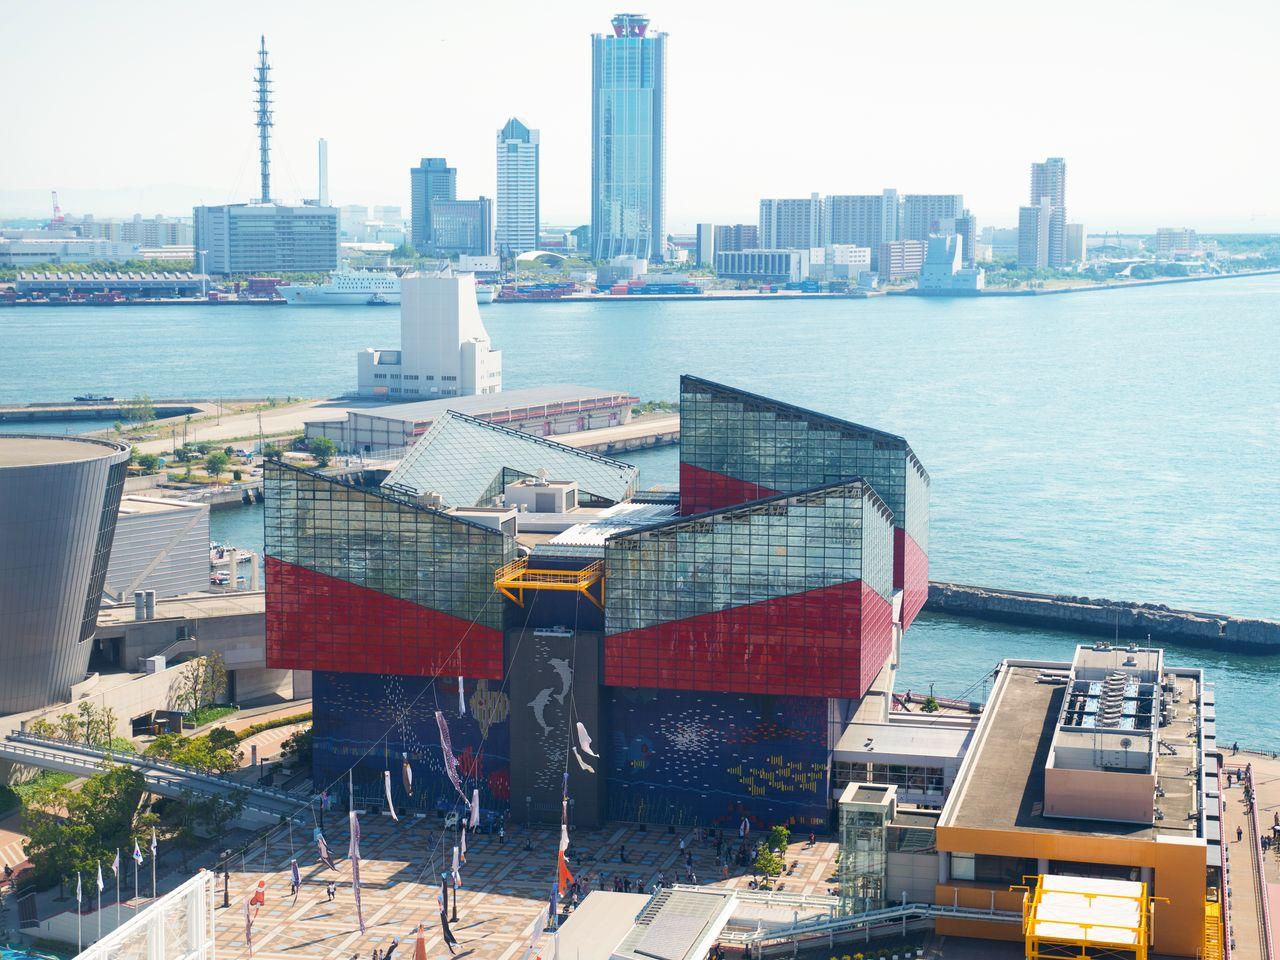 子どもから大人まで楽しめる水族館「海遊館」は、大阪屈指の人気観光スポット